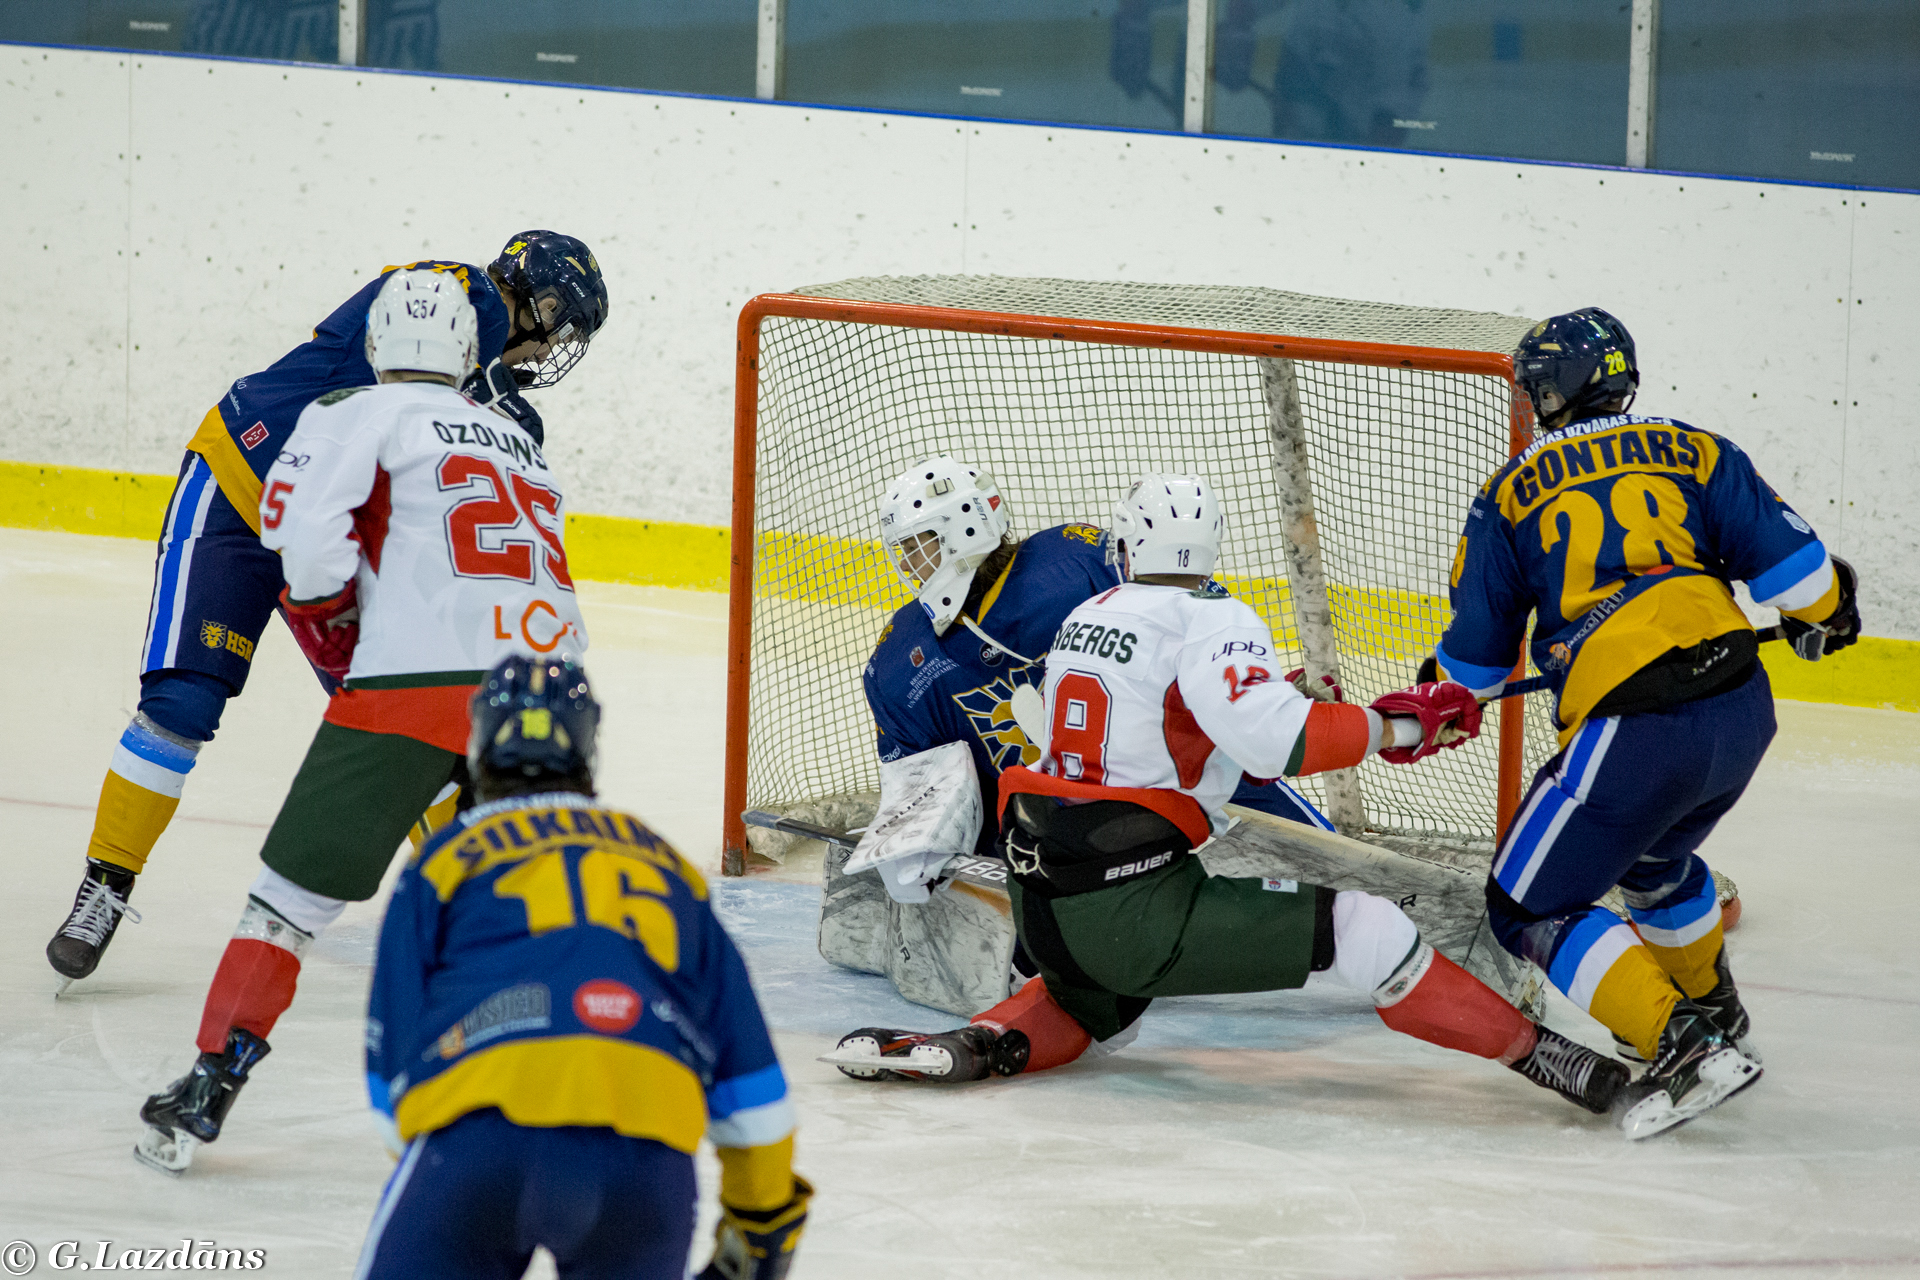 Pirmā spēle jaunajā gadā ar uzvaru 11:0 pret HS Rīga